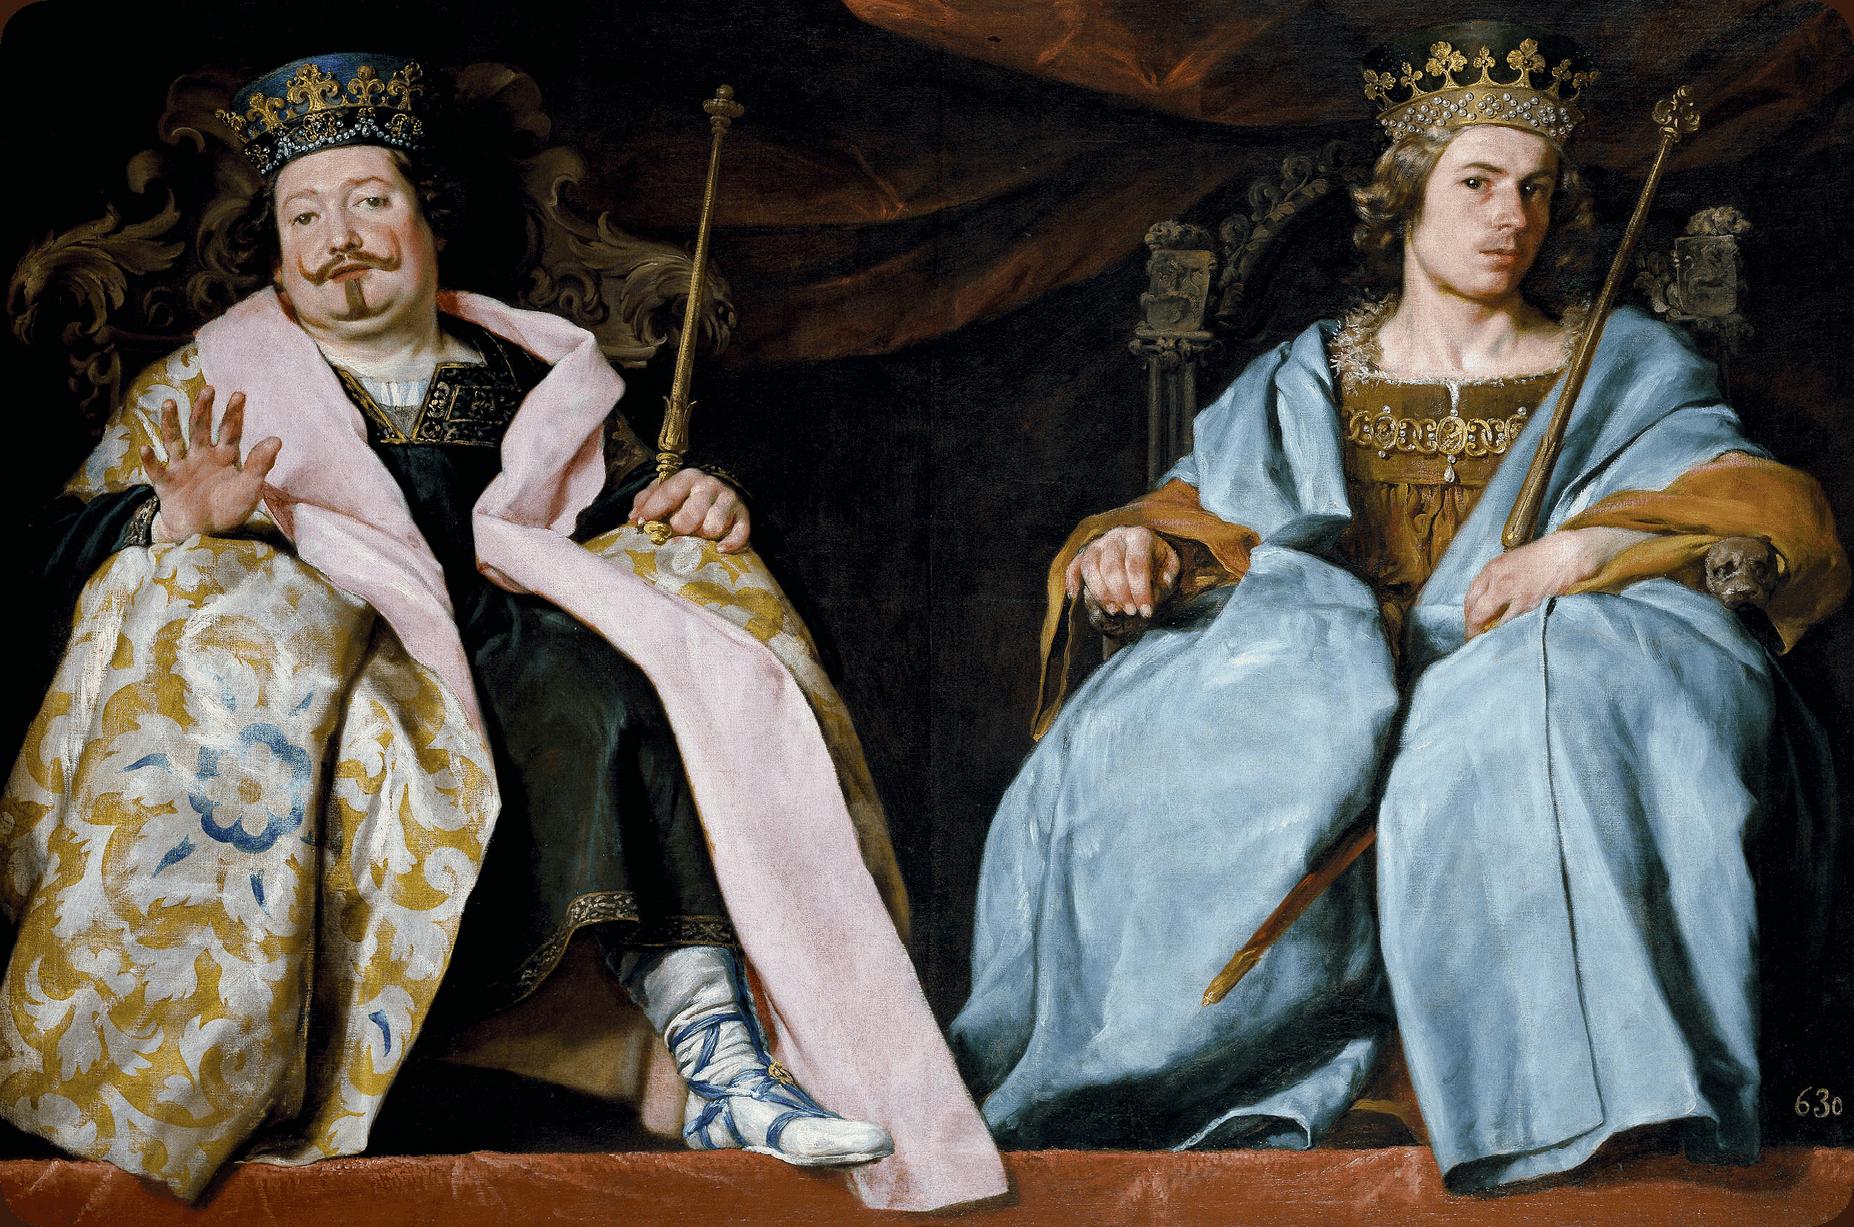 Alonso Cano, Dos reyes de España, 1641